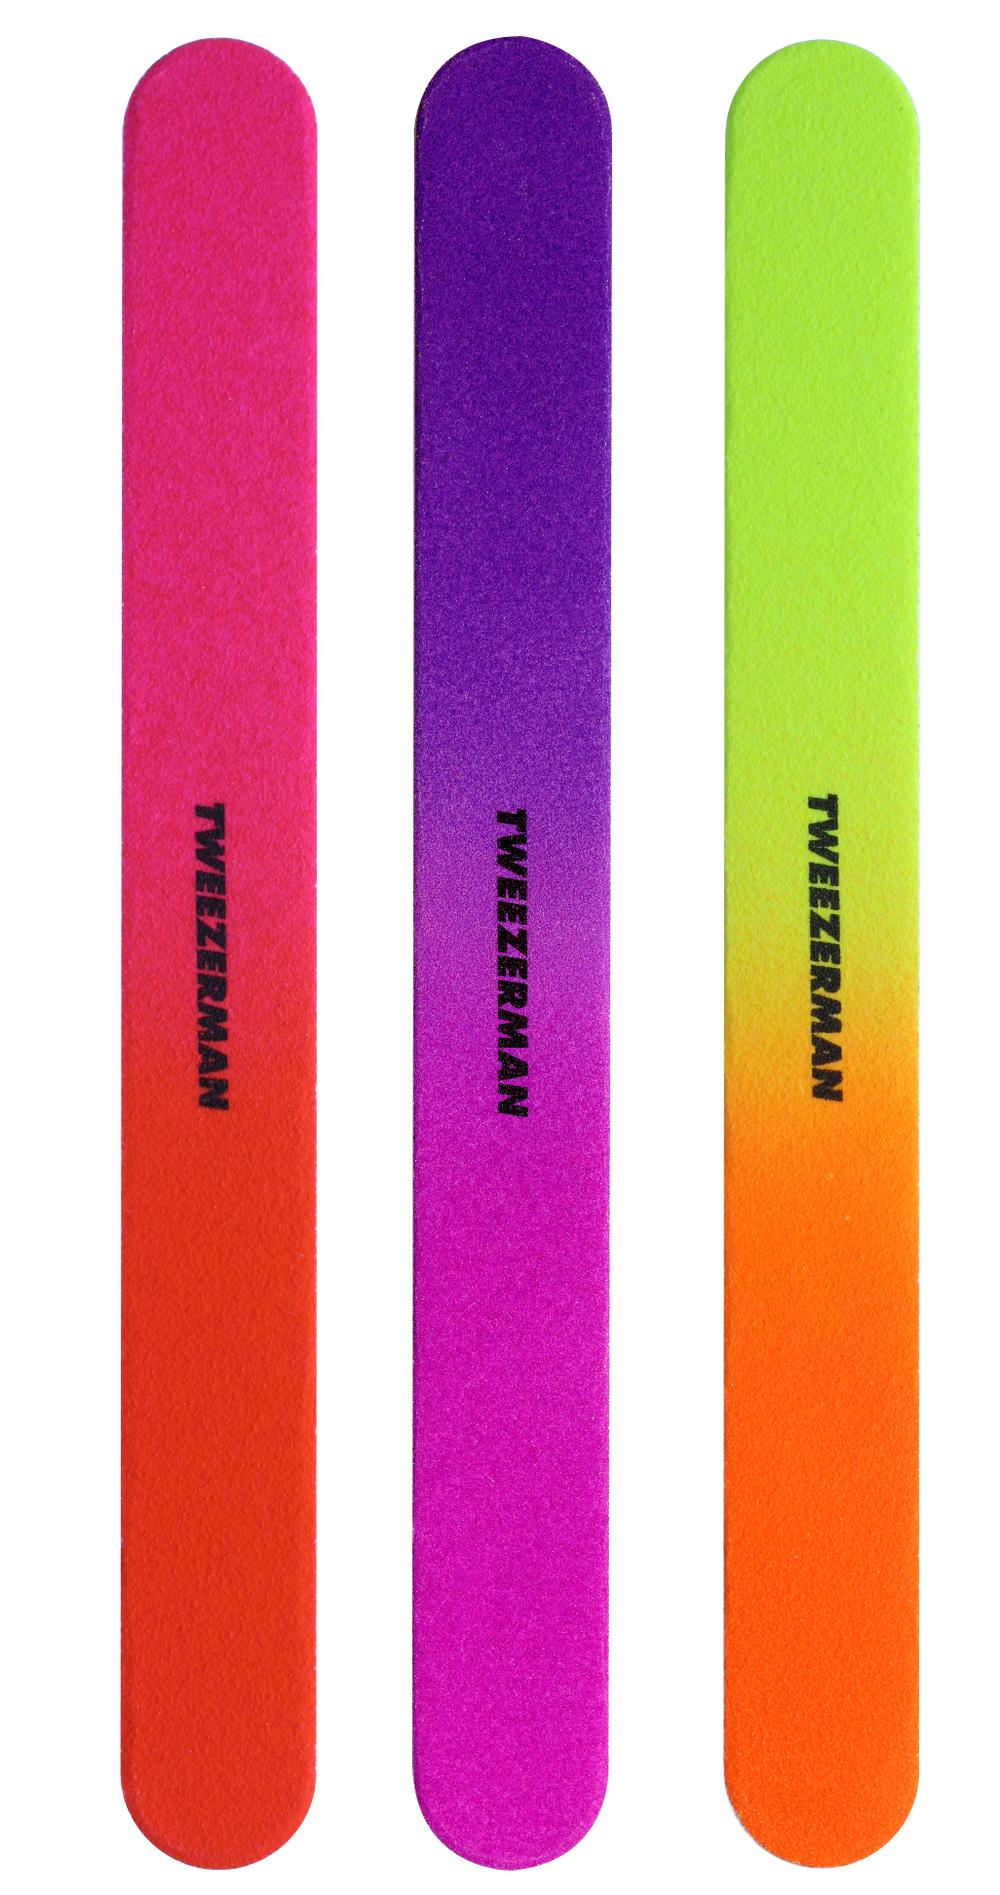 Filemate Neon Hot Nail Files